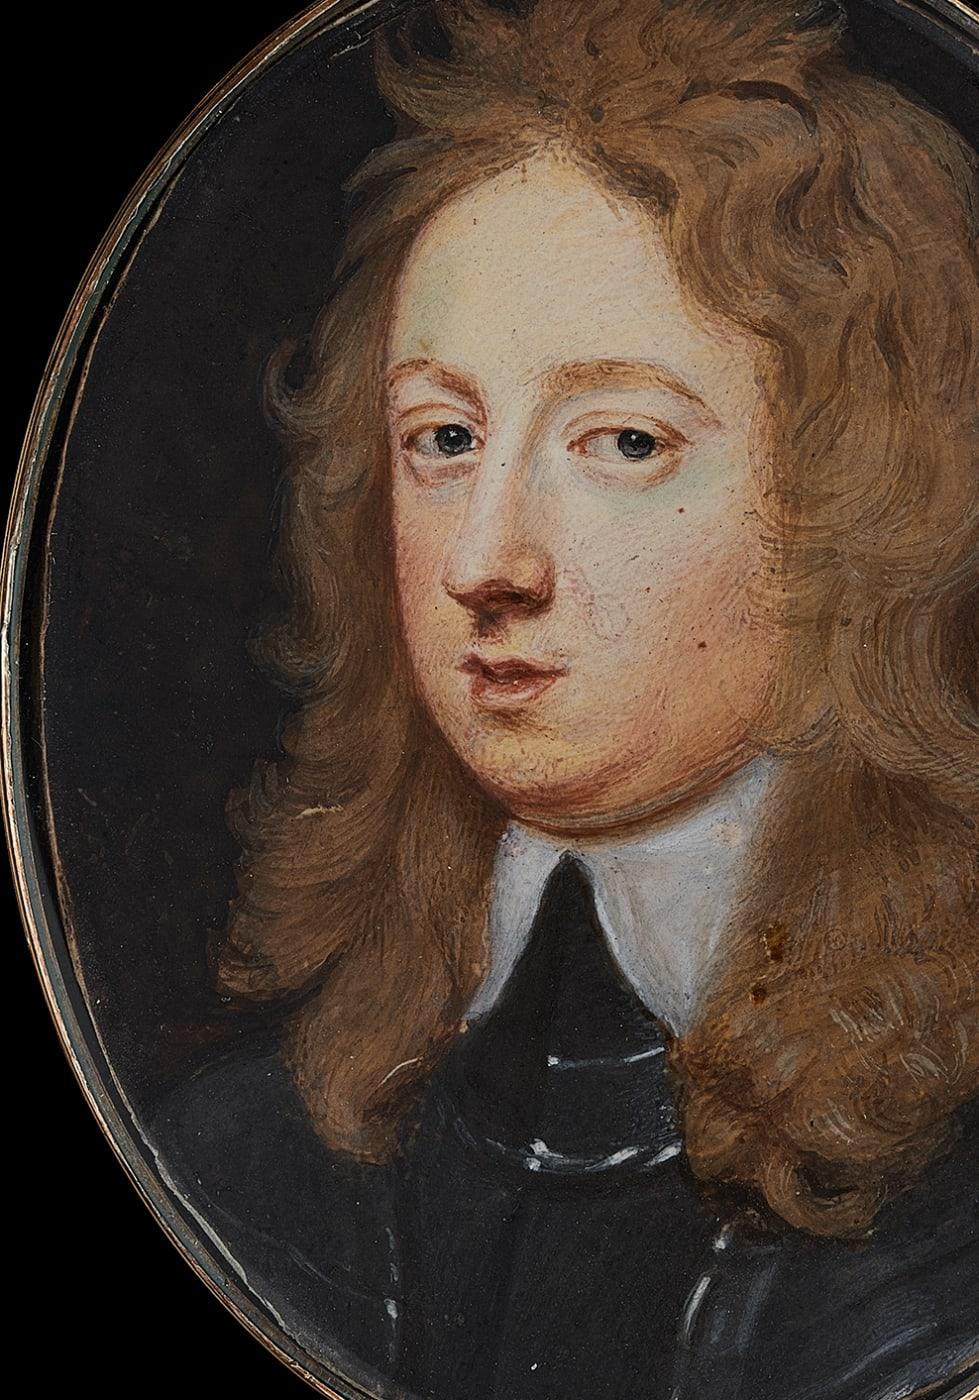 portrait miniature by Samuel cooper